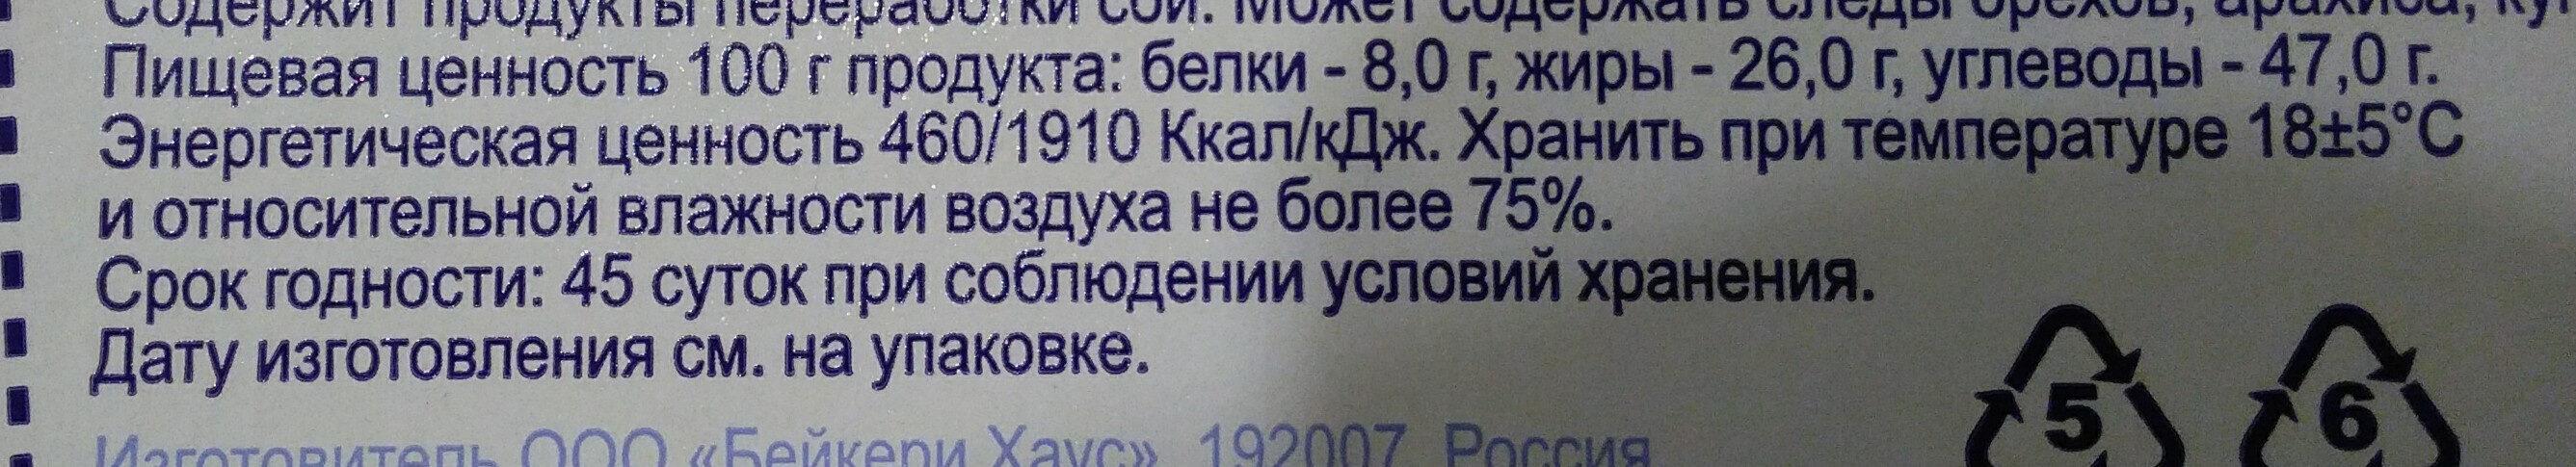 Гольдис творожный вкус - Voedingswaarden - ru